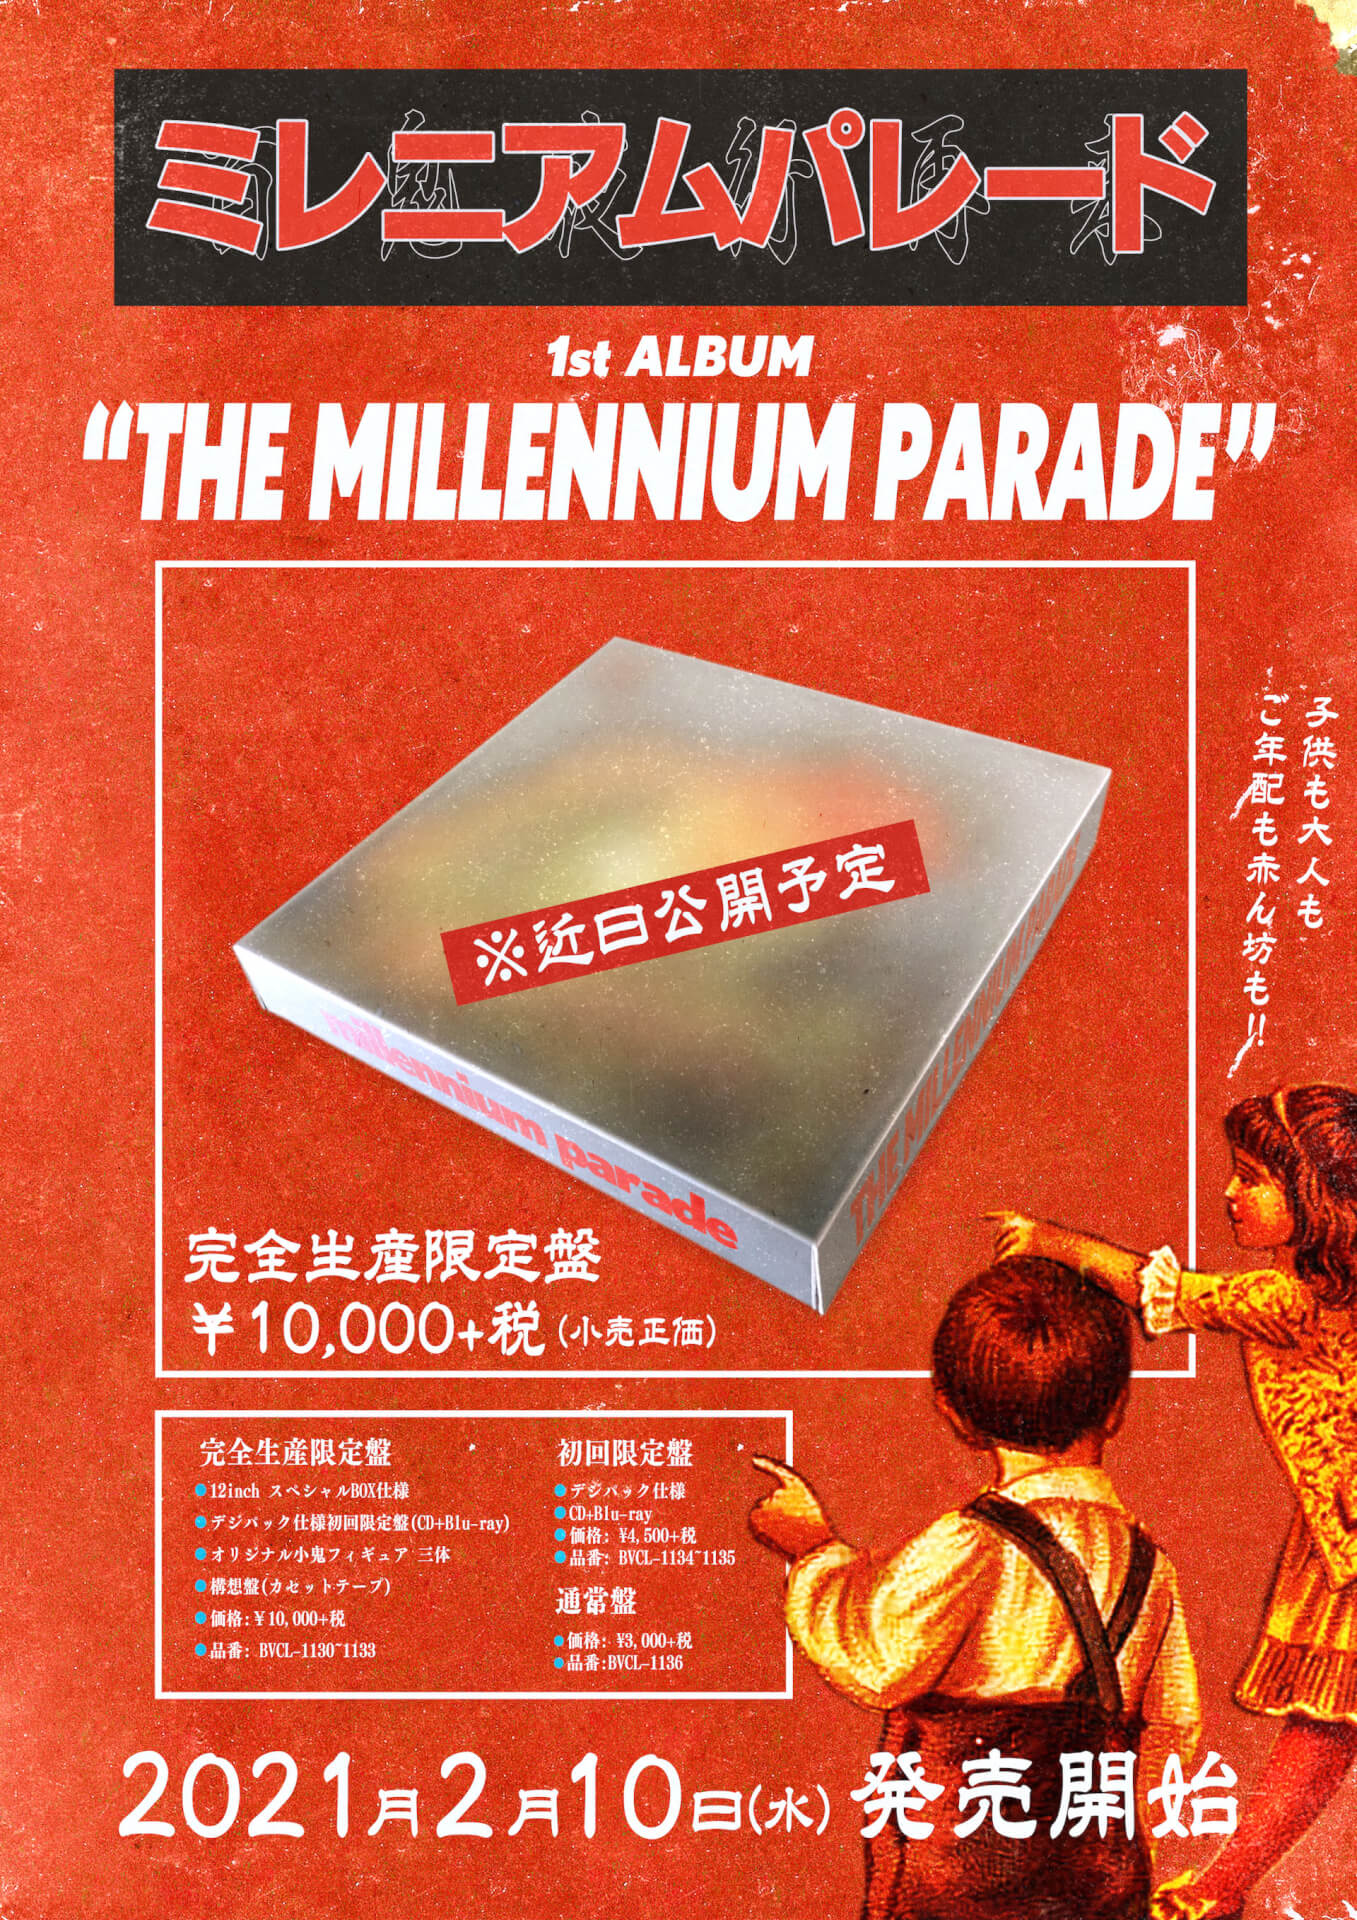 常田大希率いるmillennium paradeの新アー写が公開!アルバムアートディレクターを務めた森洸大がデザイン music210115_millenniumparade_2